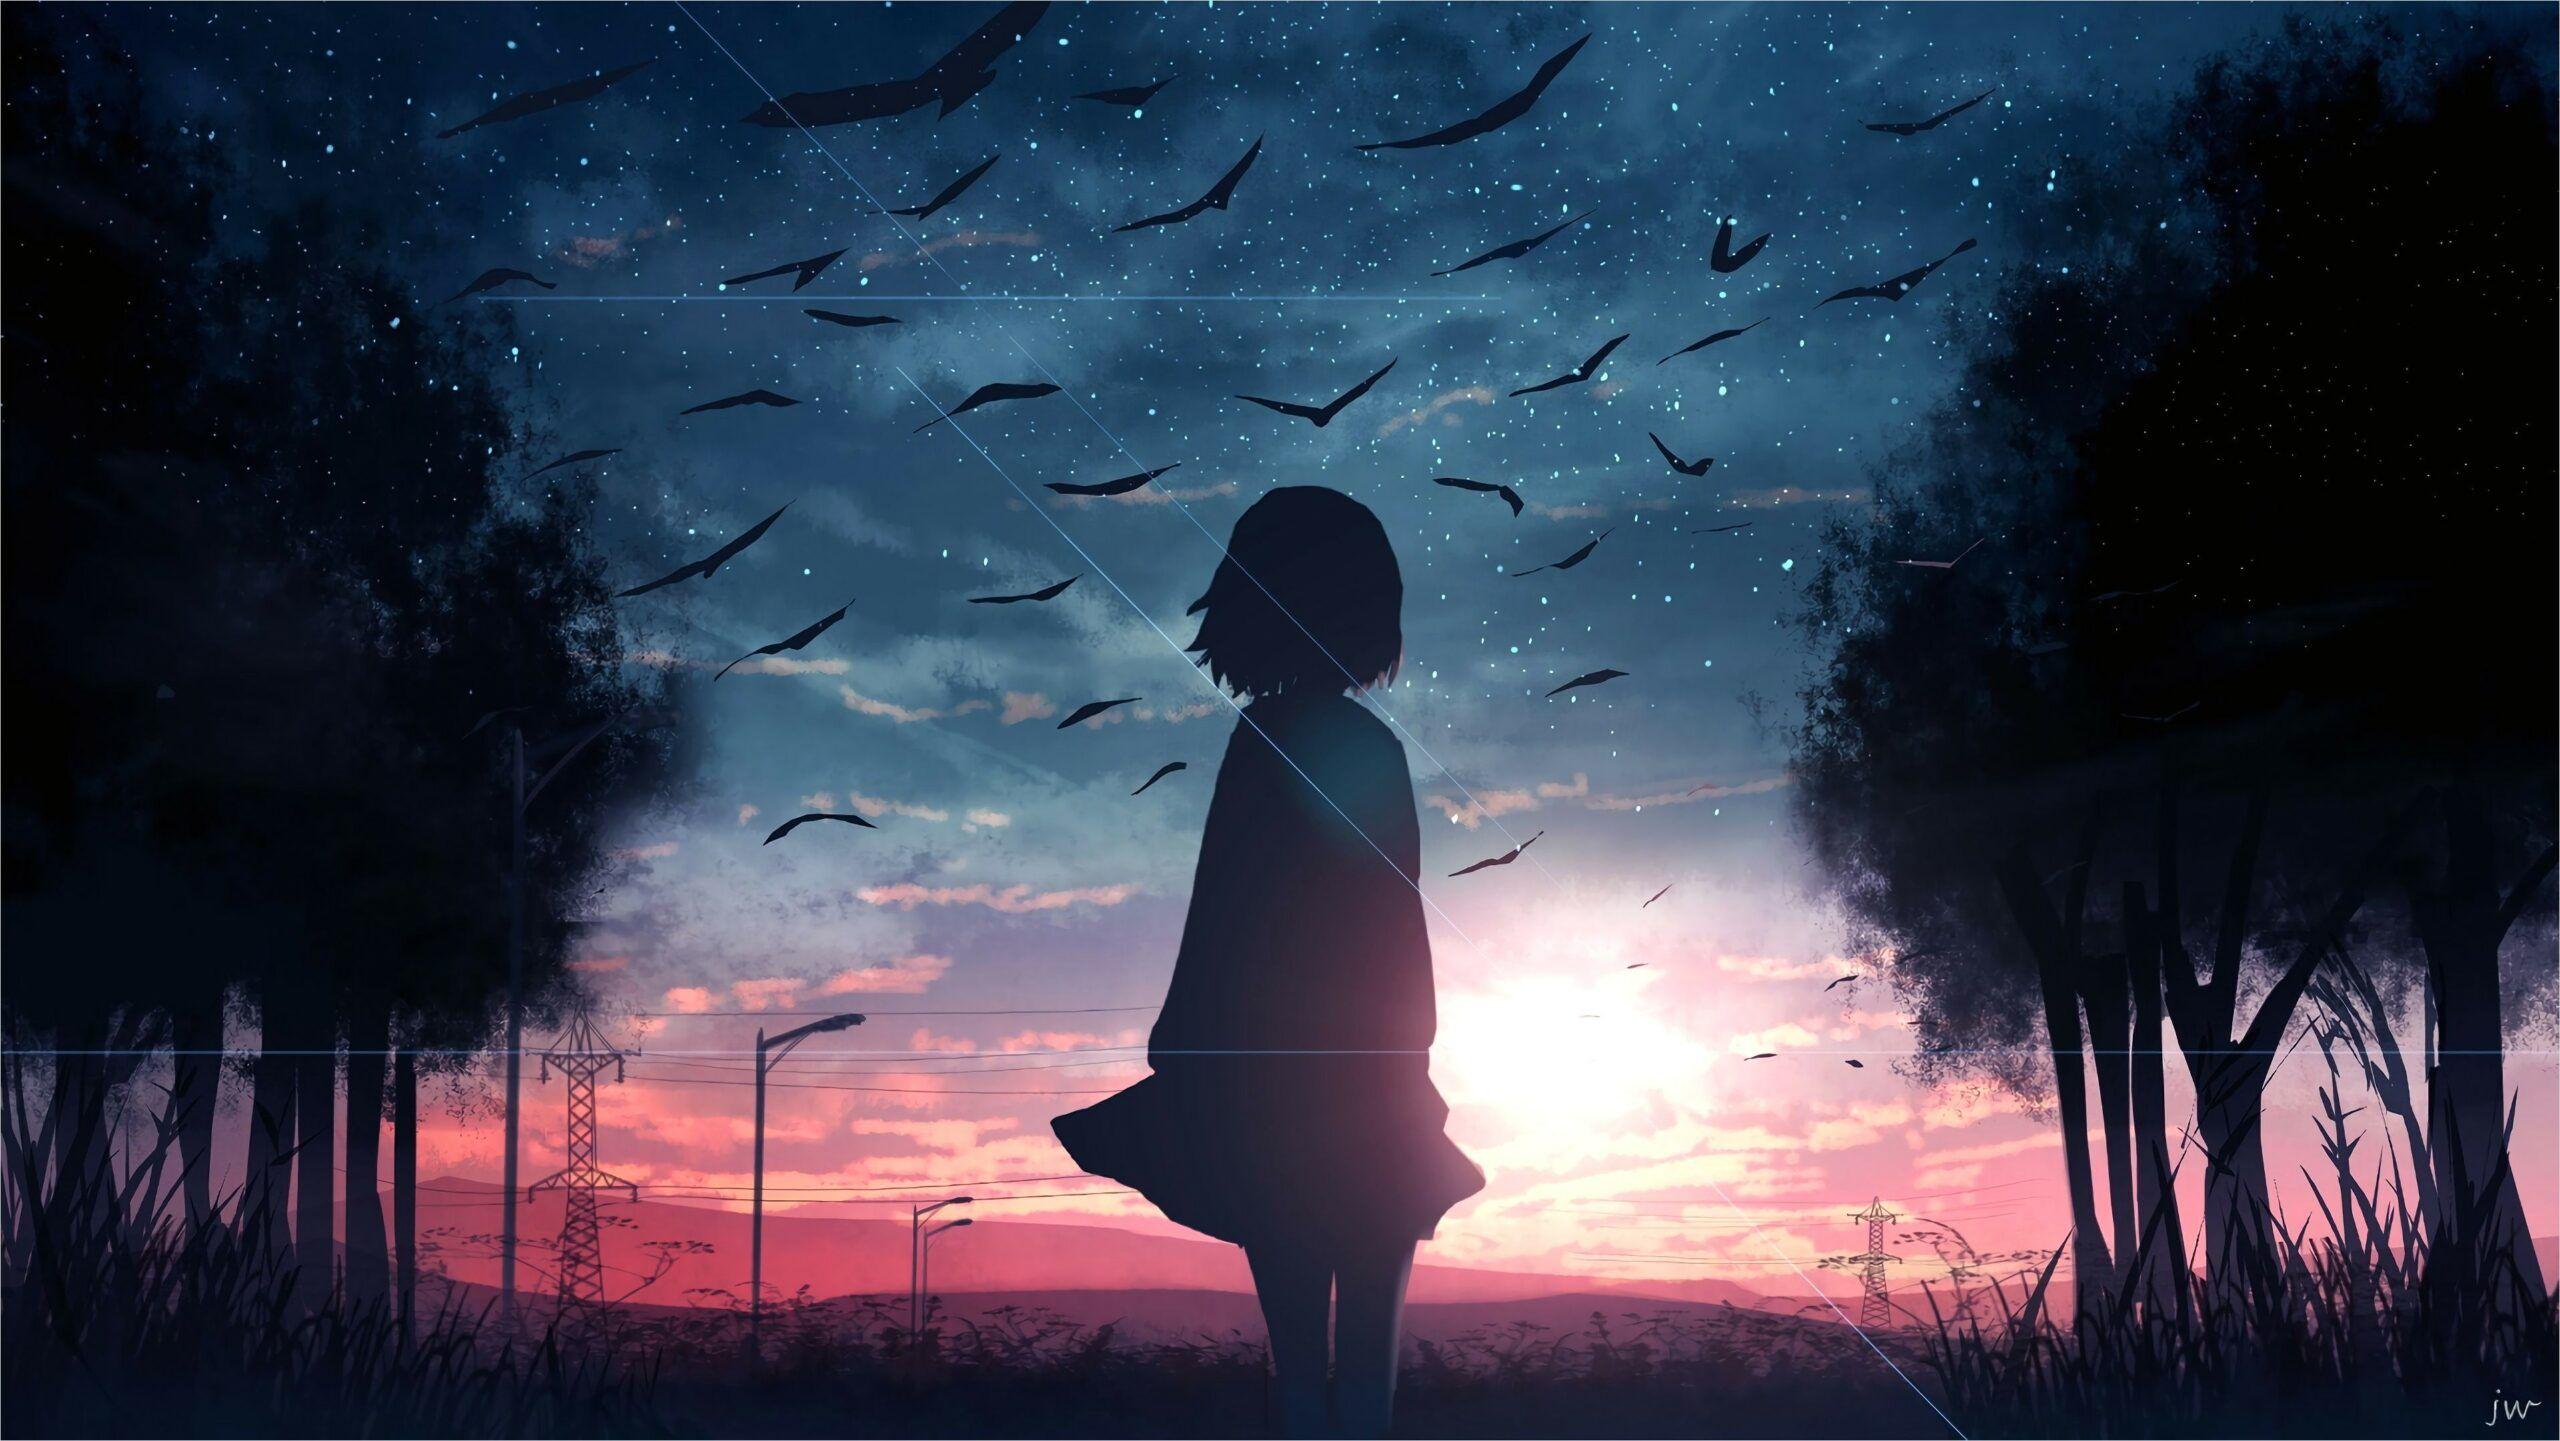 4k Anime Landscape Wallpaper di 2020 Pemandangan anime 2560x1441